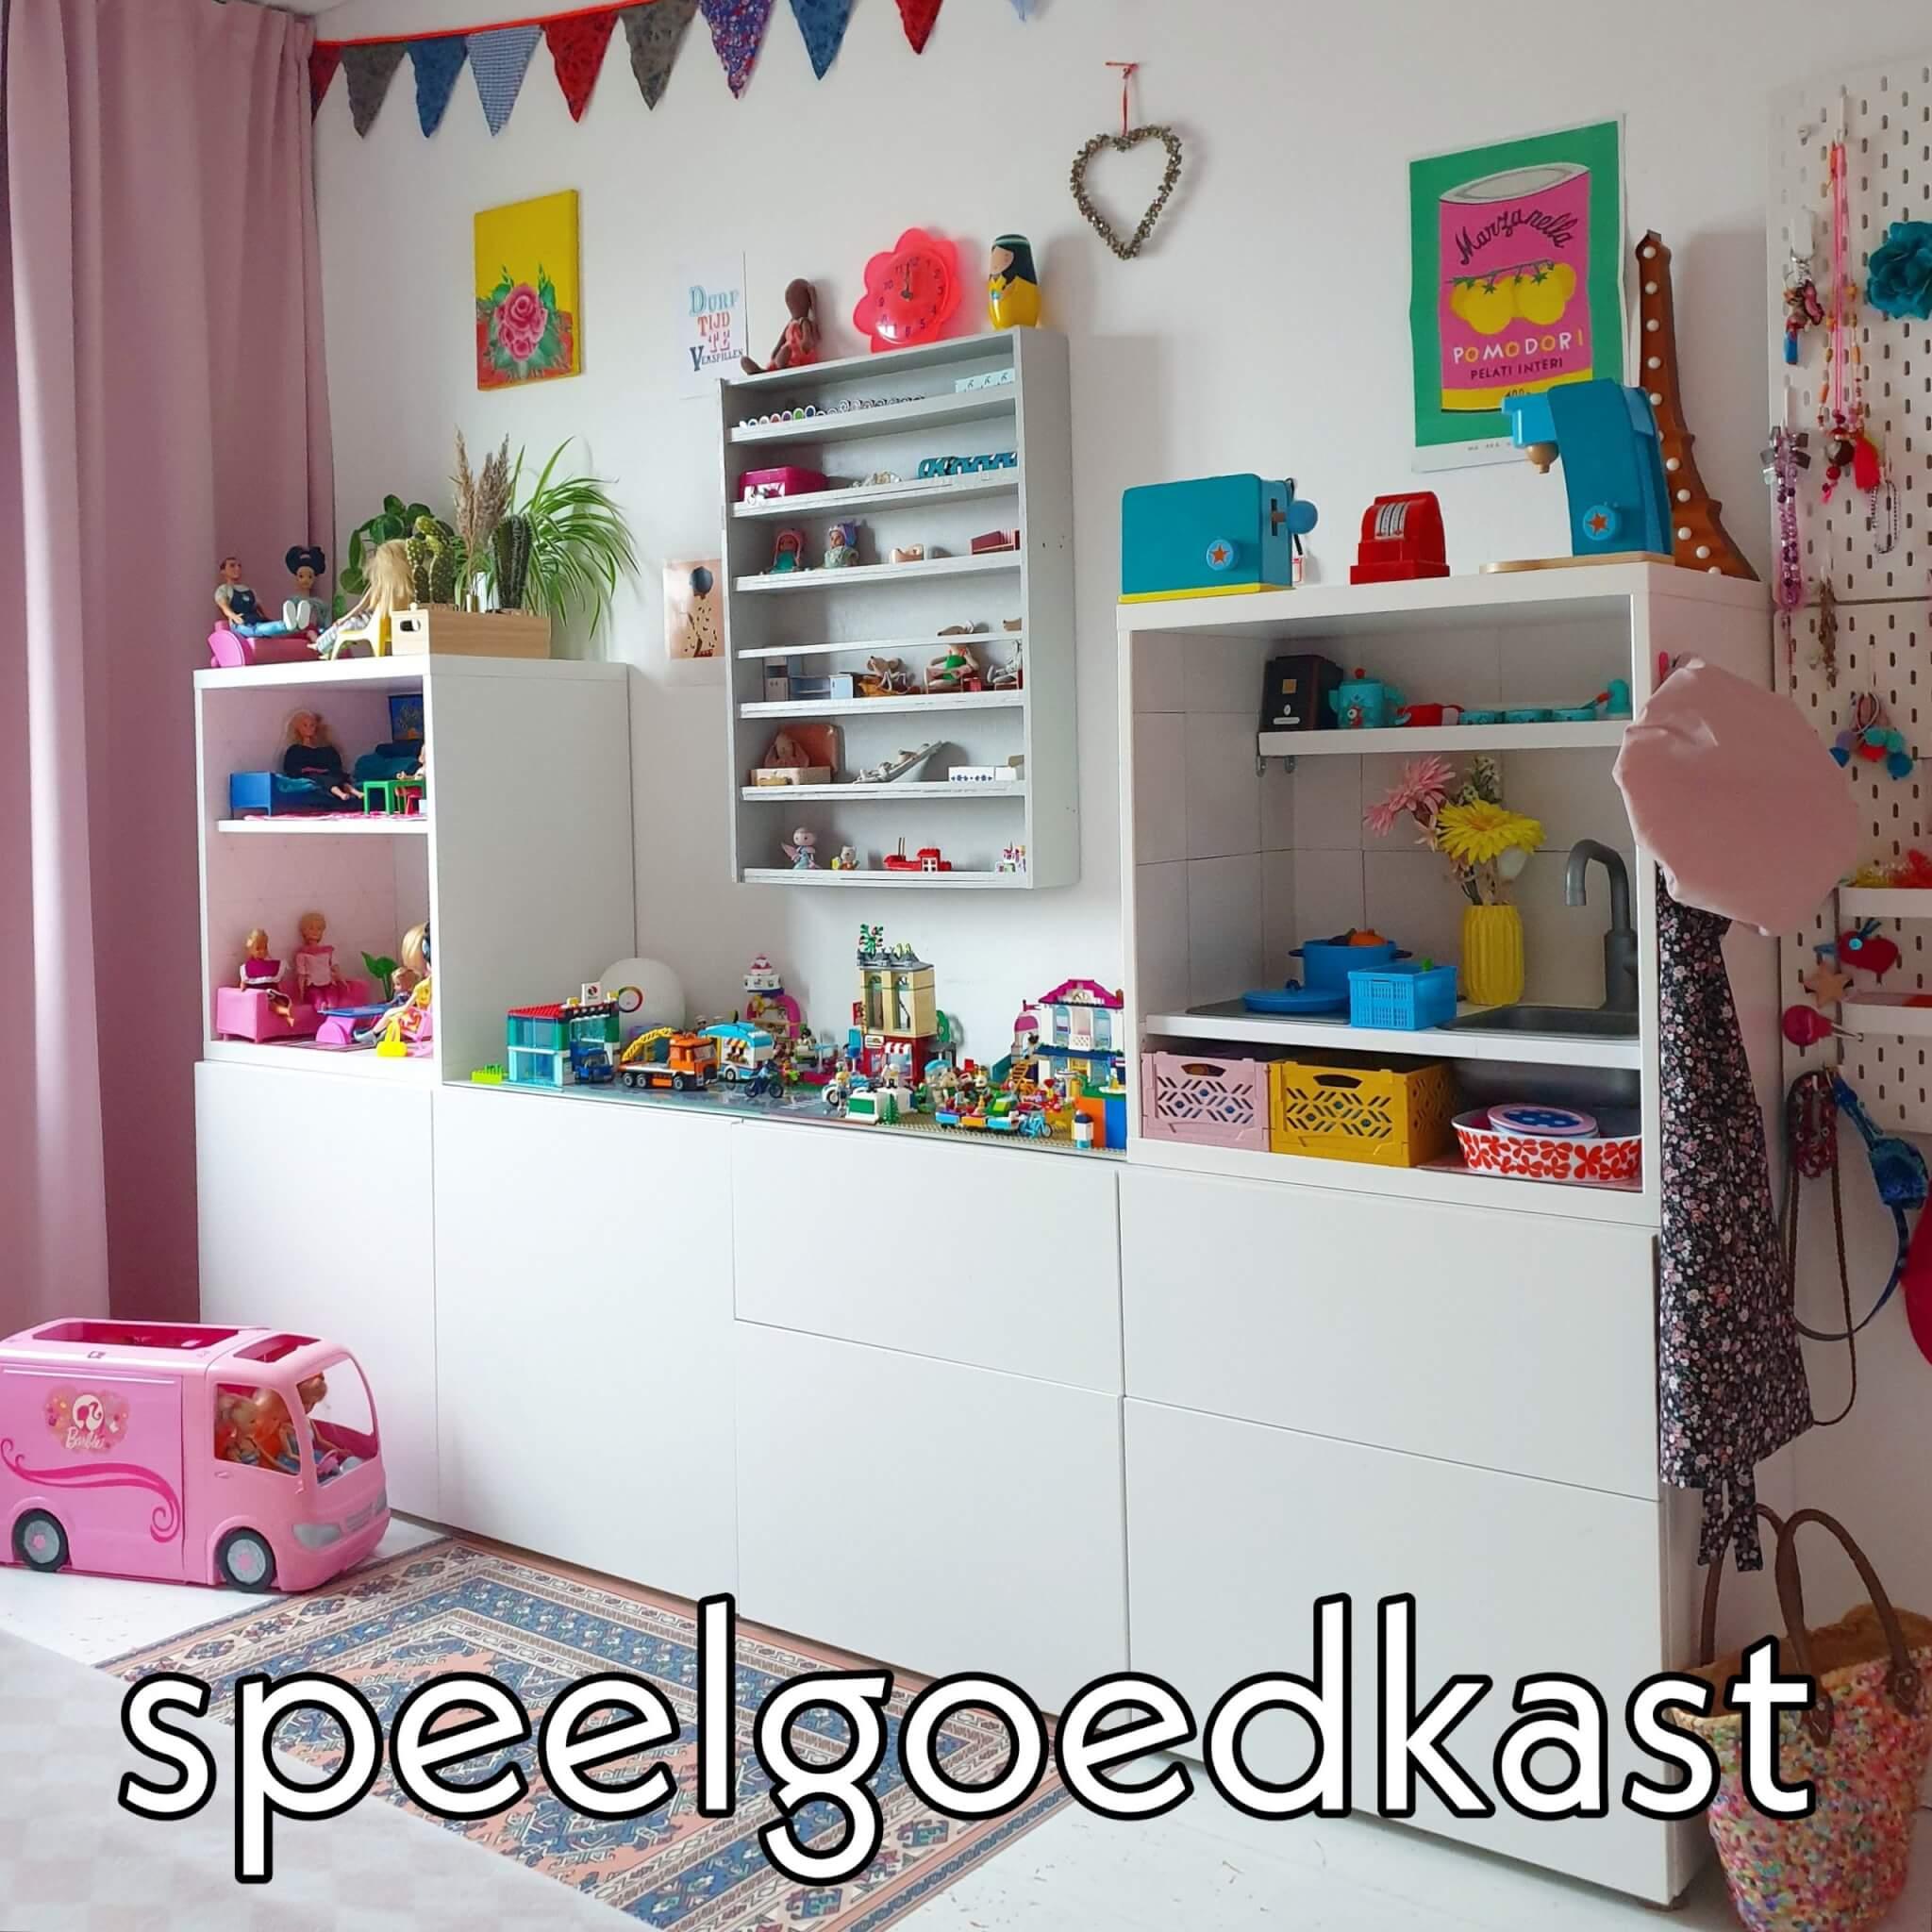 Ikea hack: DIY speelgoedkast met LEGO tafel, kinderkeuken en Barbie huis